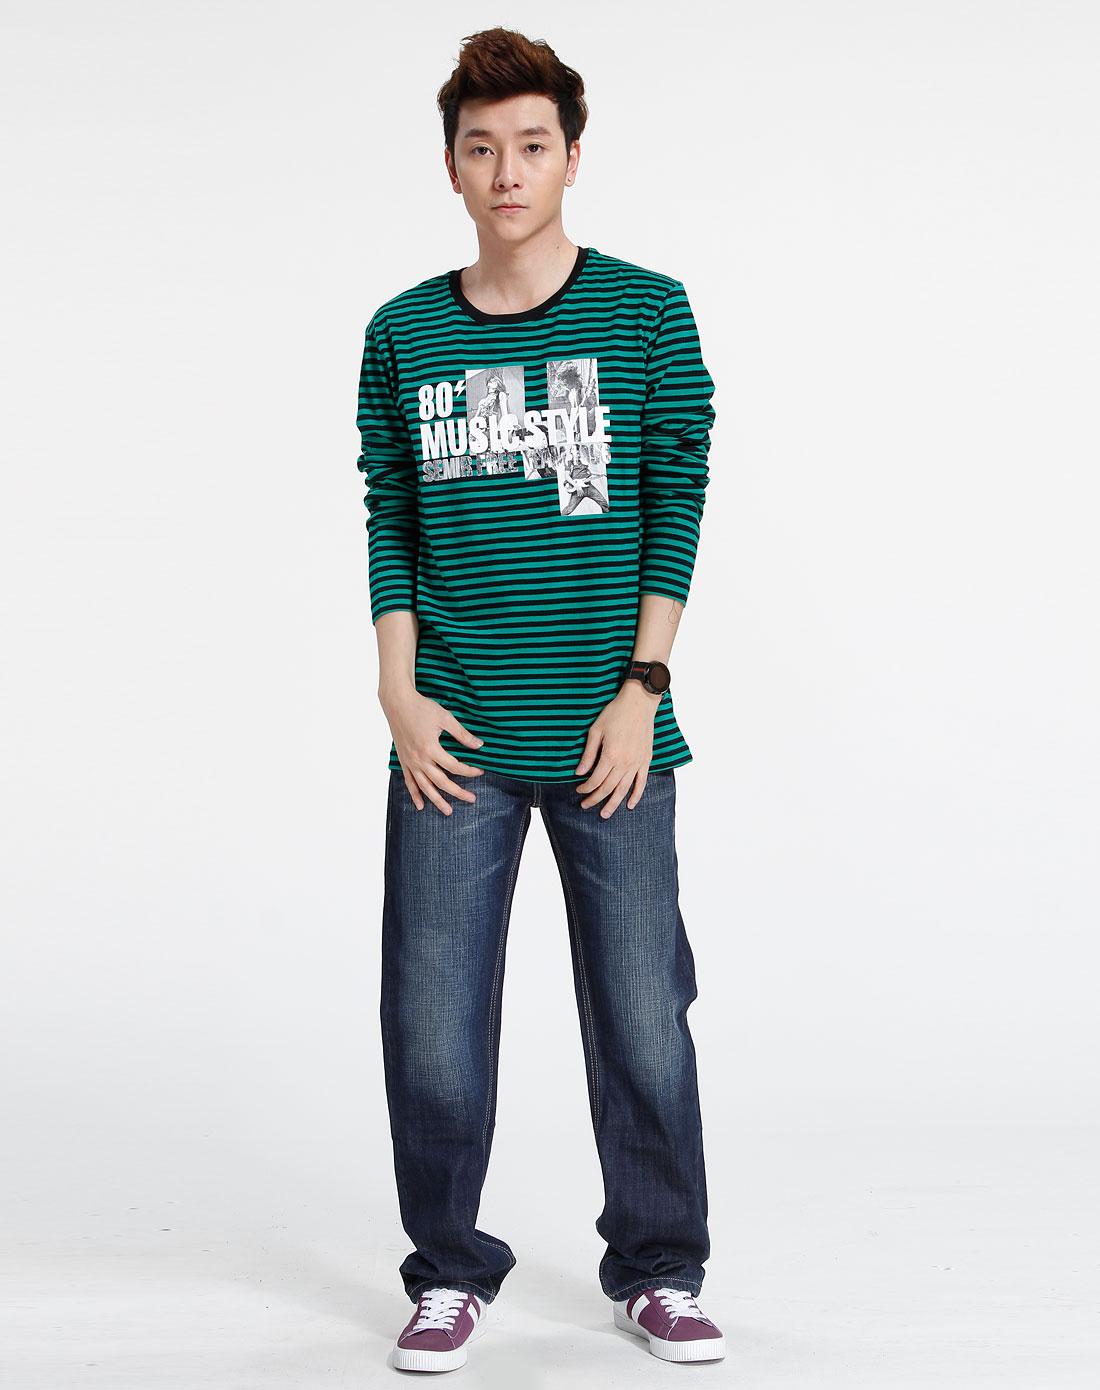 森马-男装-绿色时尚长袖t恤图片